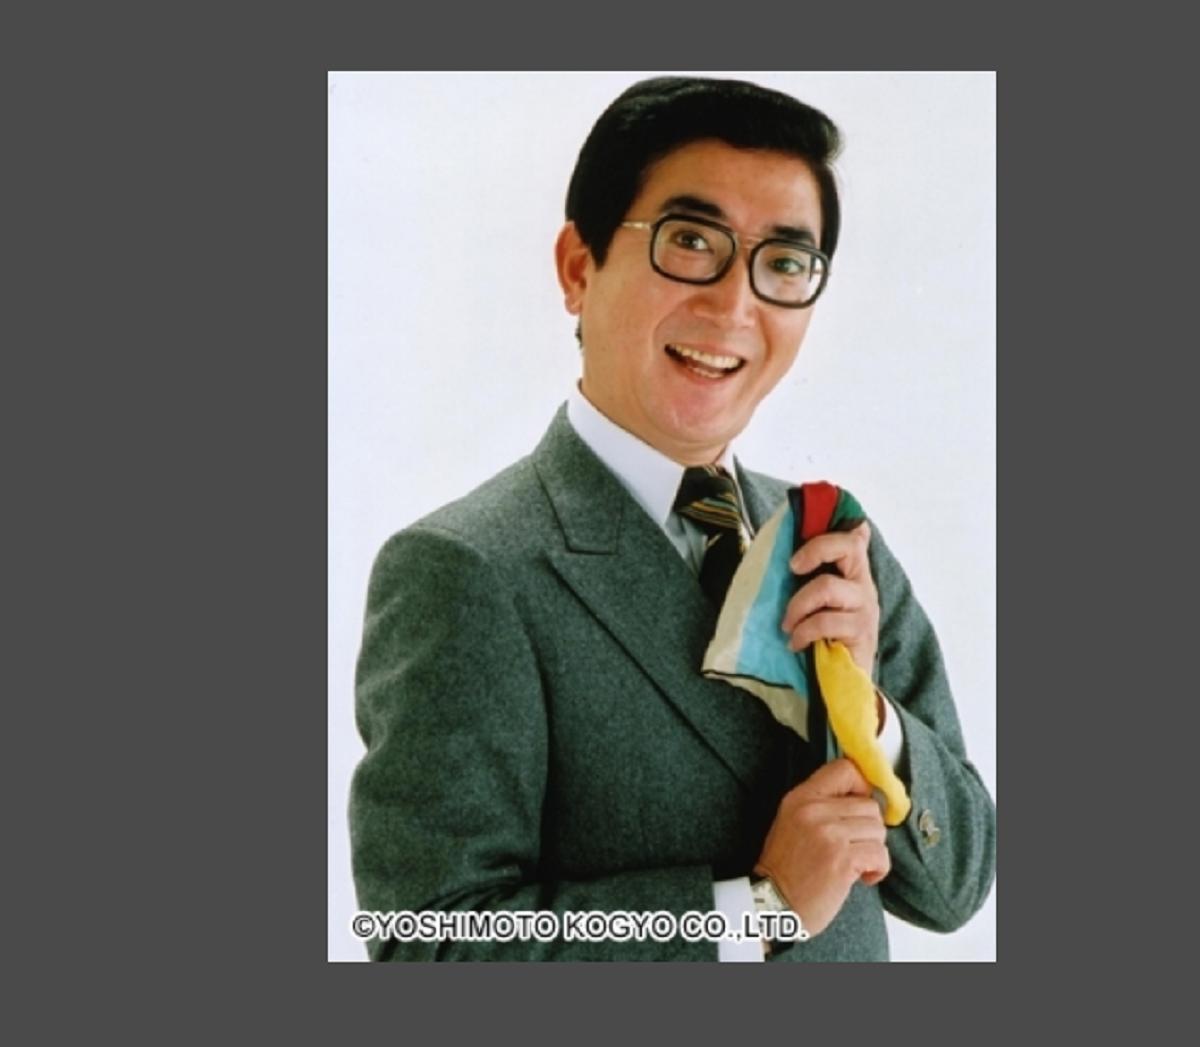 吉本新喜劇のチャーリー浜さん呼吸不全で死去78歳!本名西岡正雄